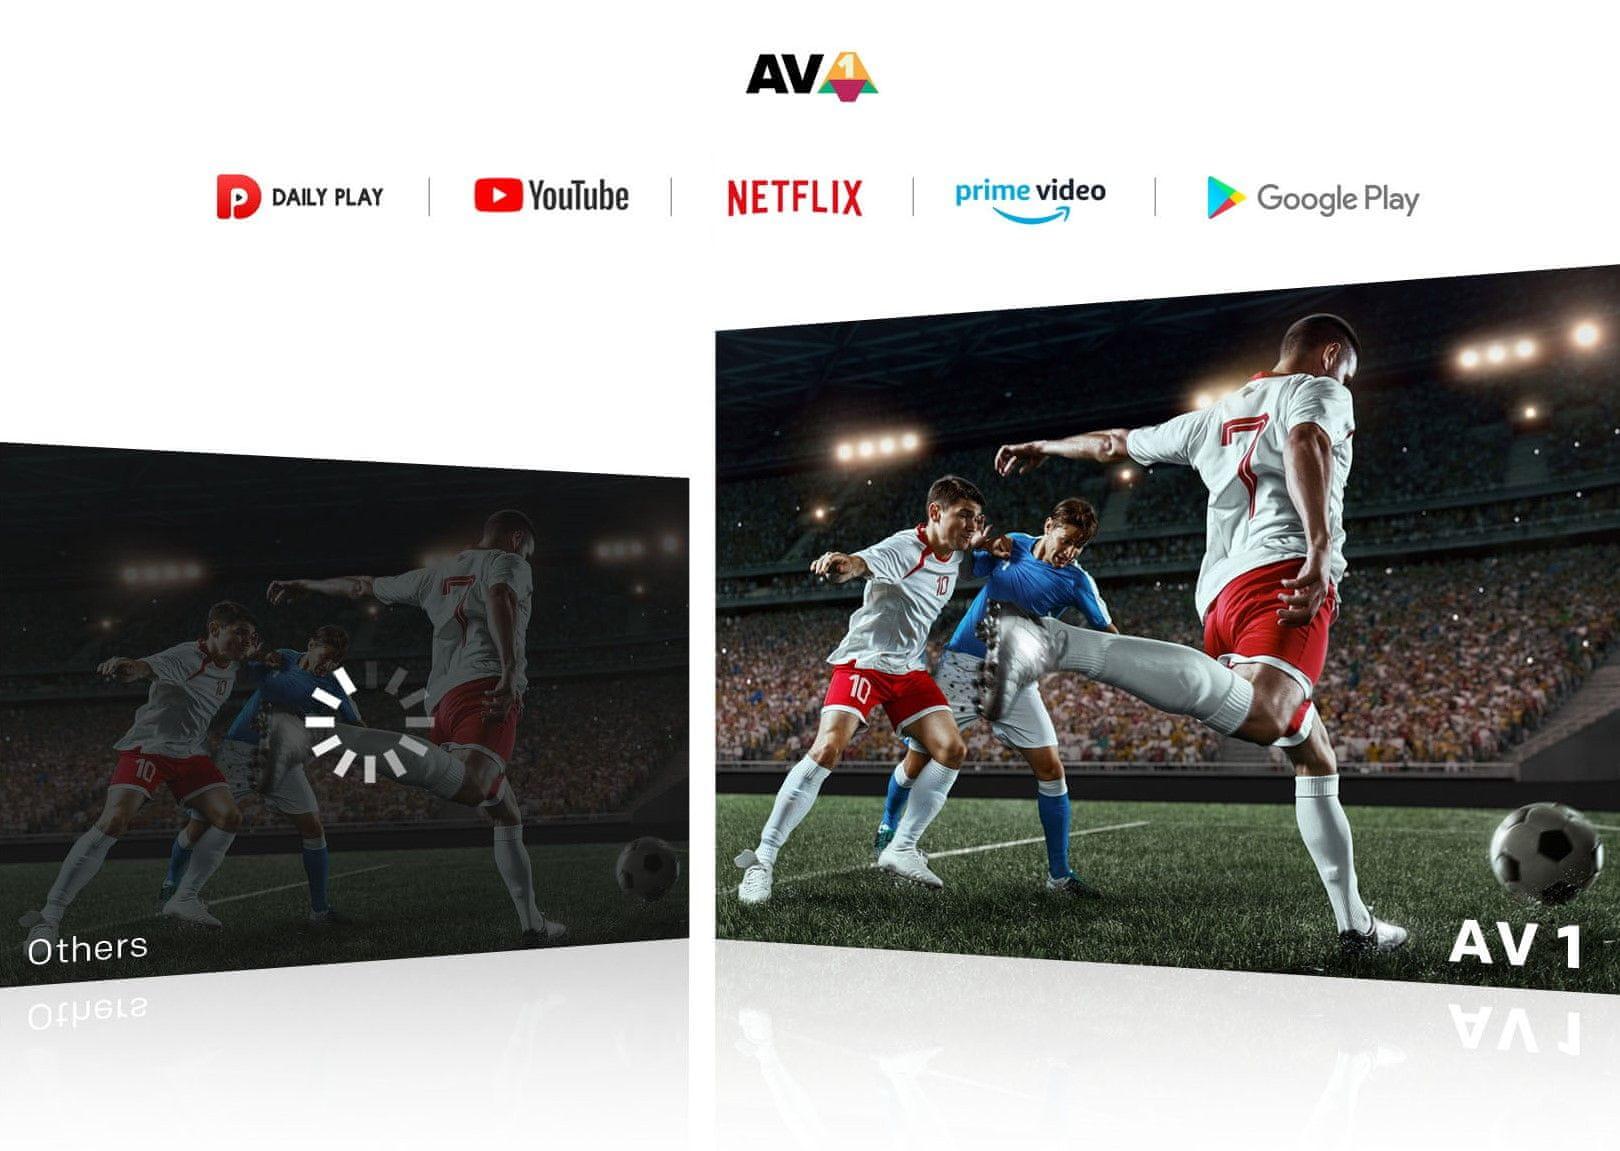 Metz UHD 4k tv televízió kodek AV1 2021